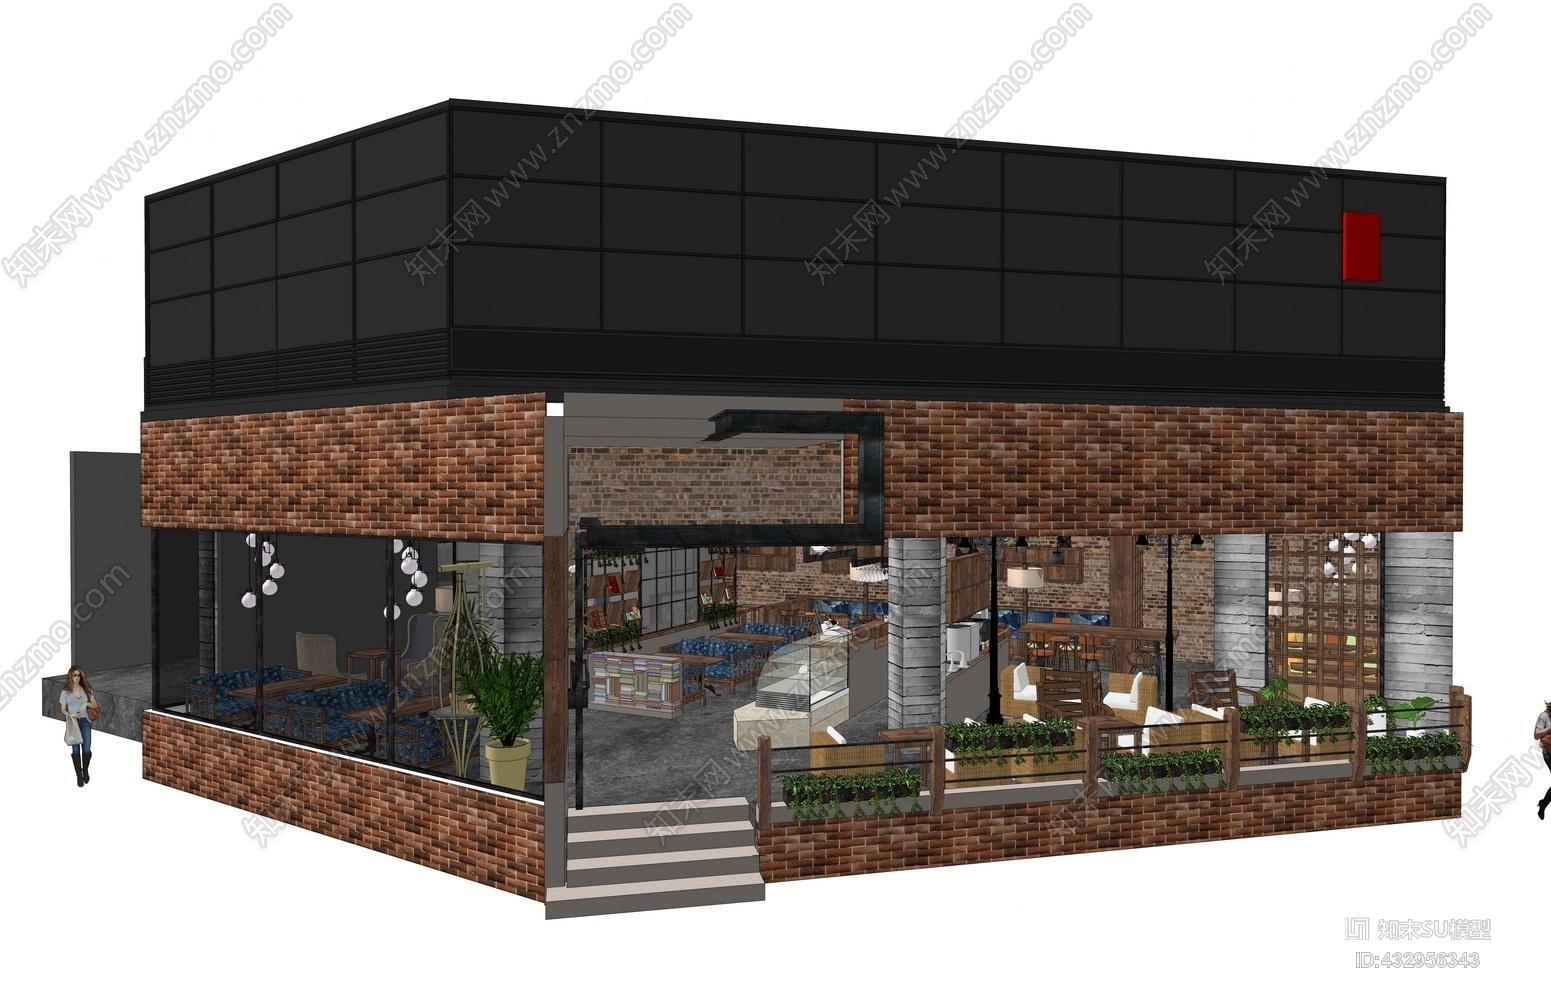 餐厅餐饮茶餐厅 咖啡厅 空间设计 吊灯 装饰品 摆件 卡座SU模型